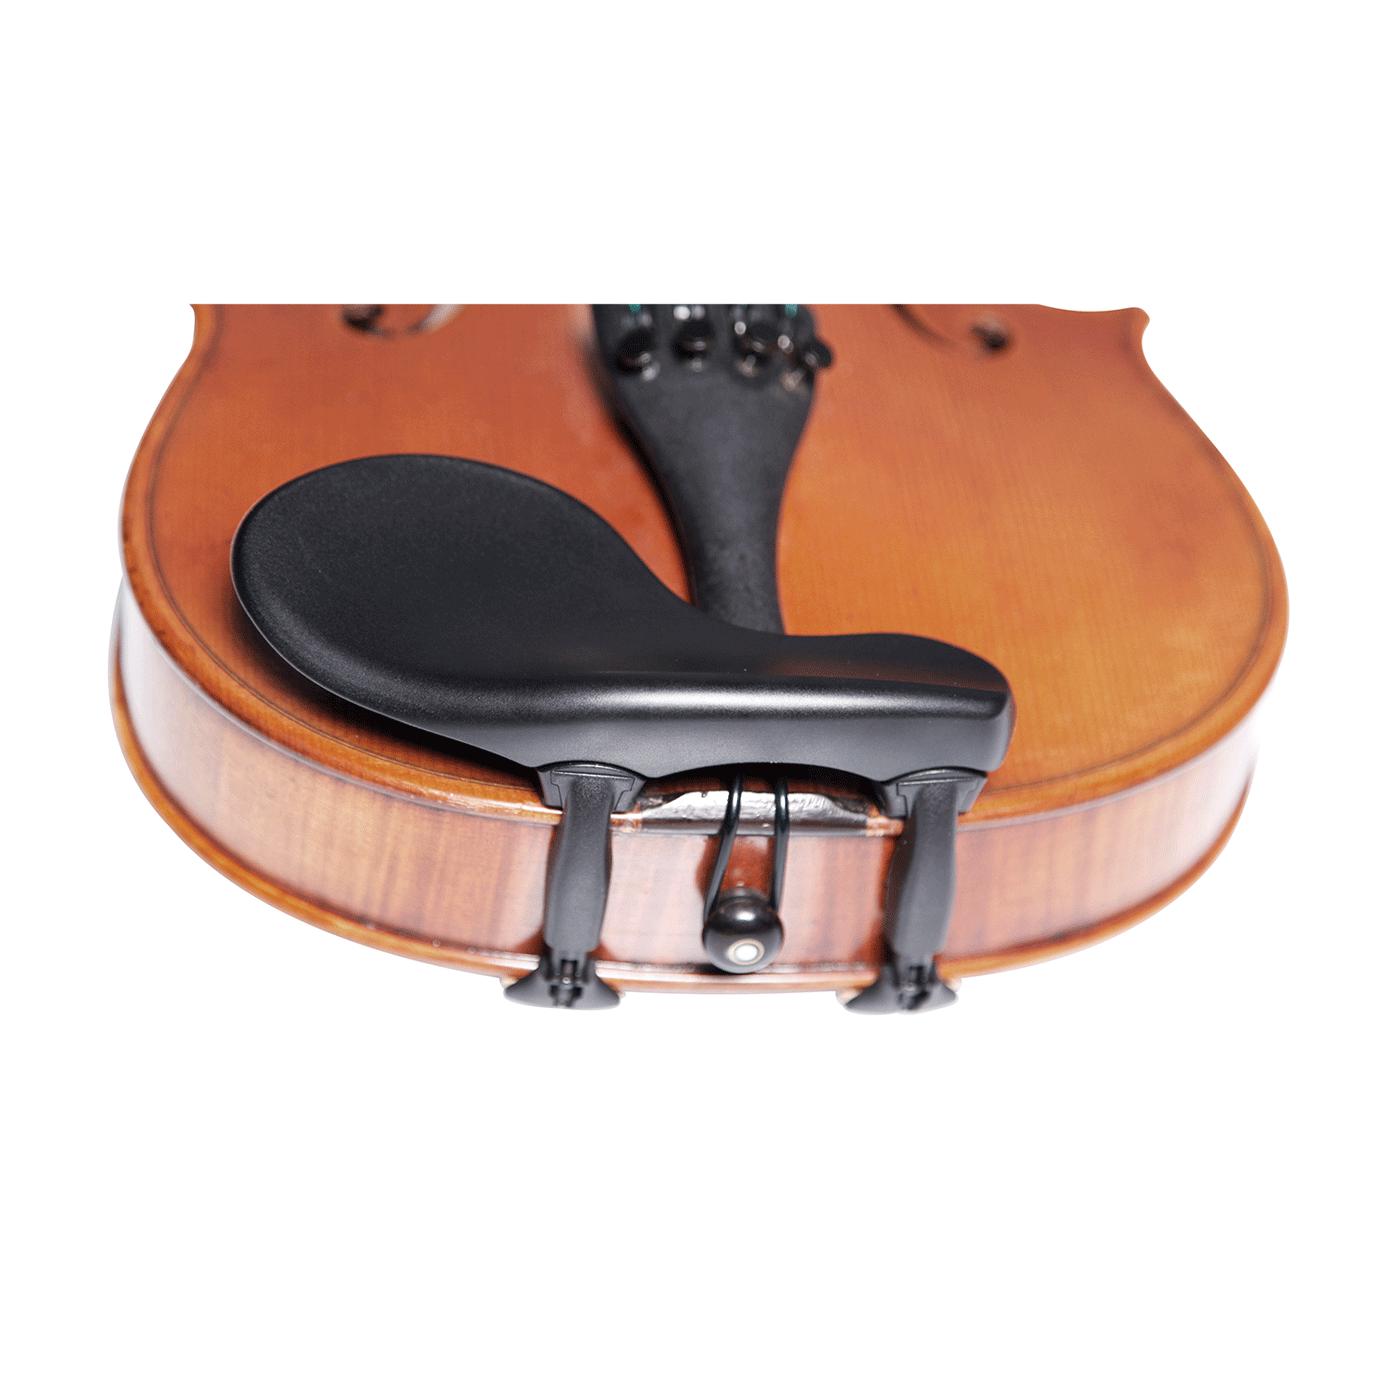 Queixeira Zuerick Antialergica Wittner P/ Violino 3/4 - 4/4